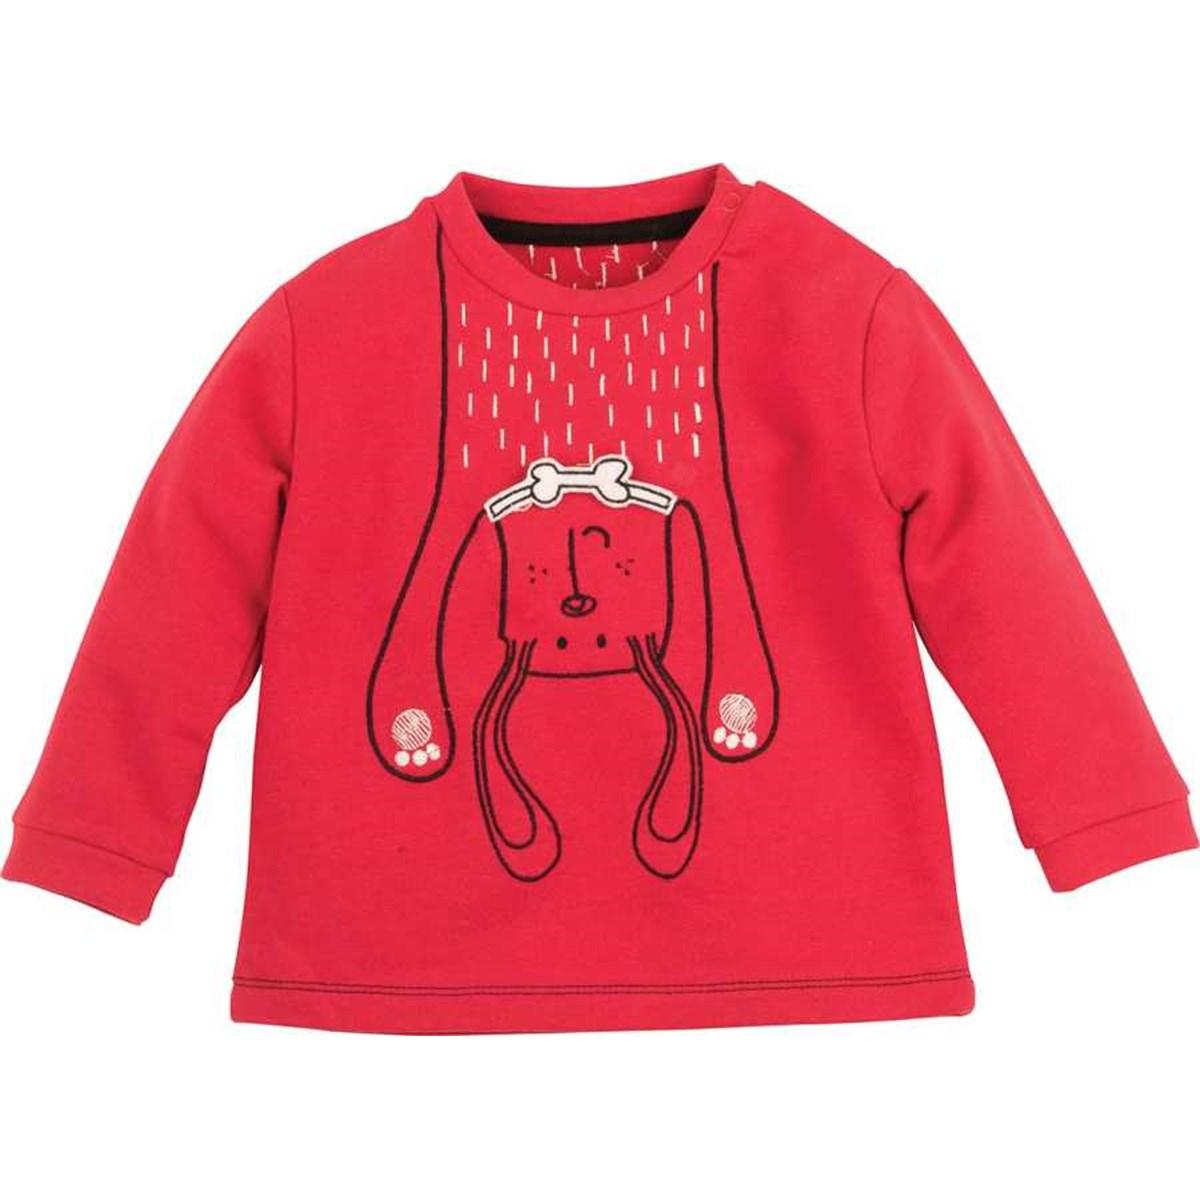 9219 Sweatshirt 1